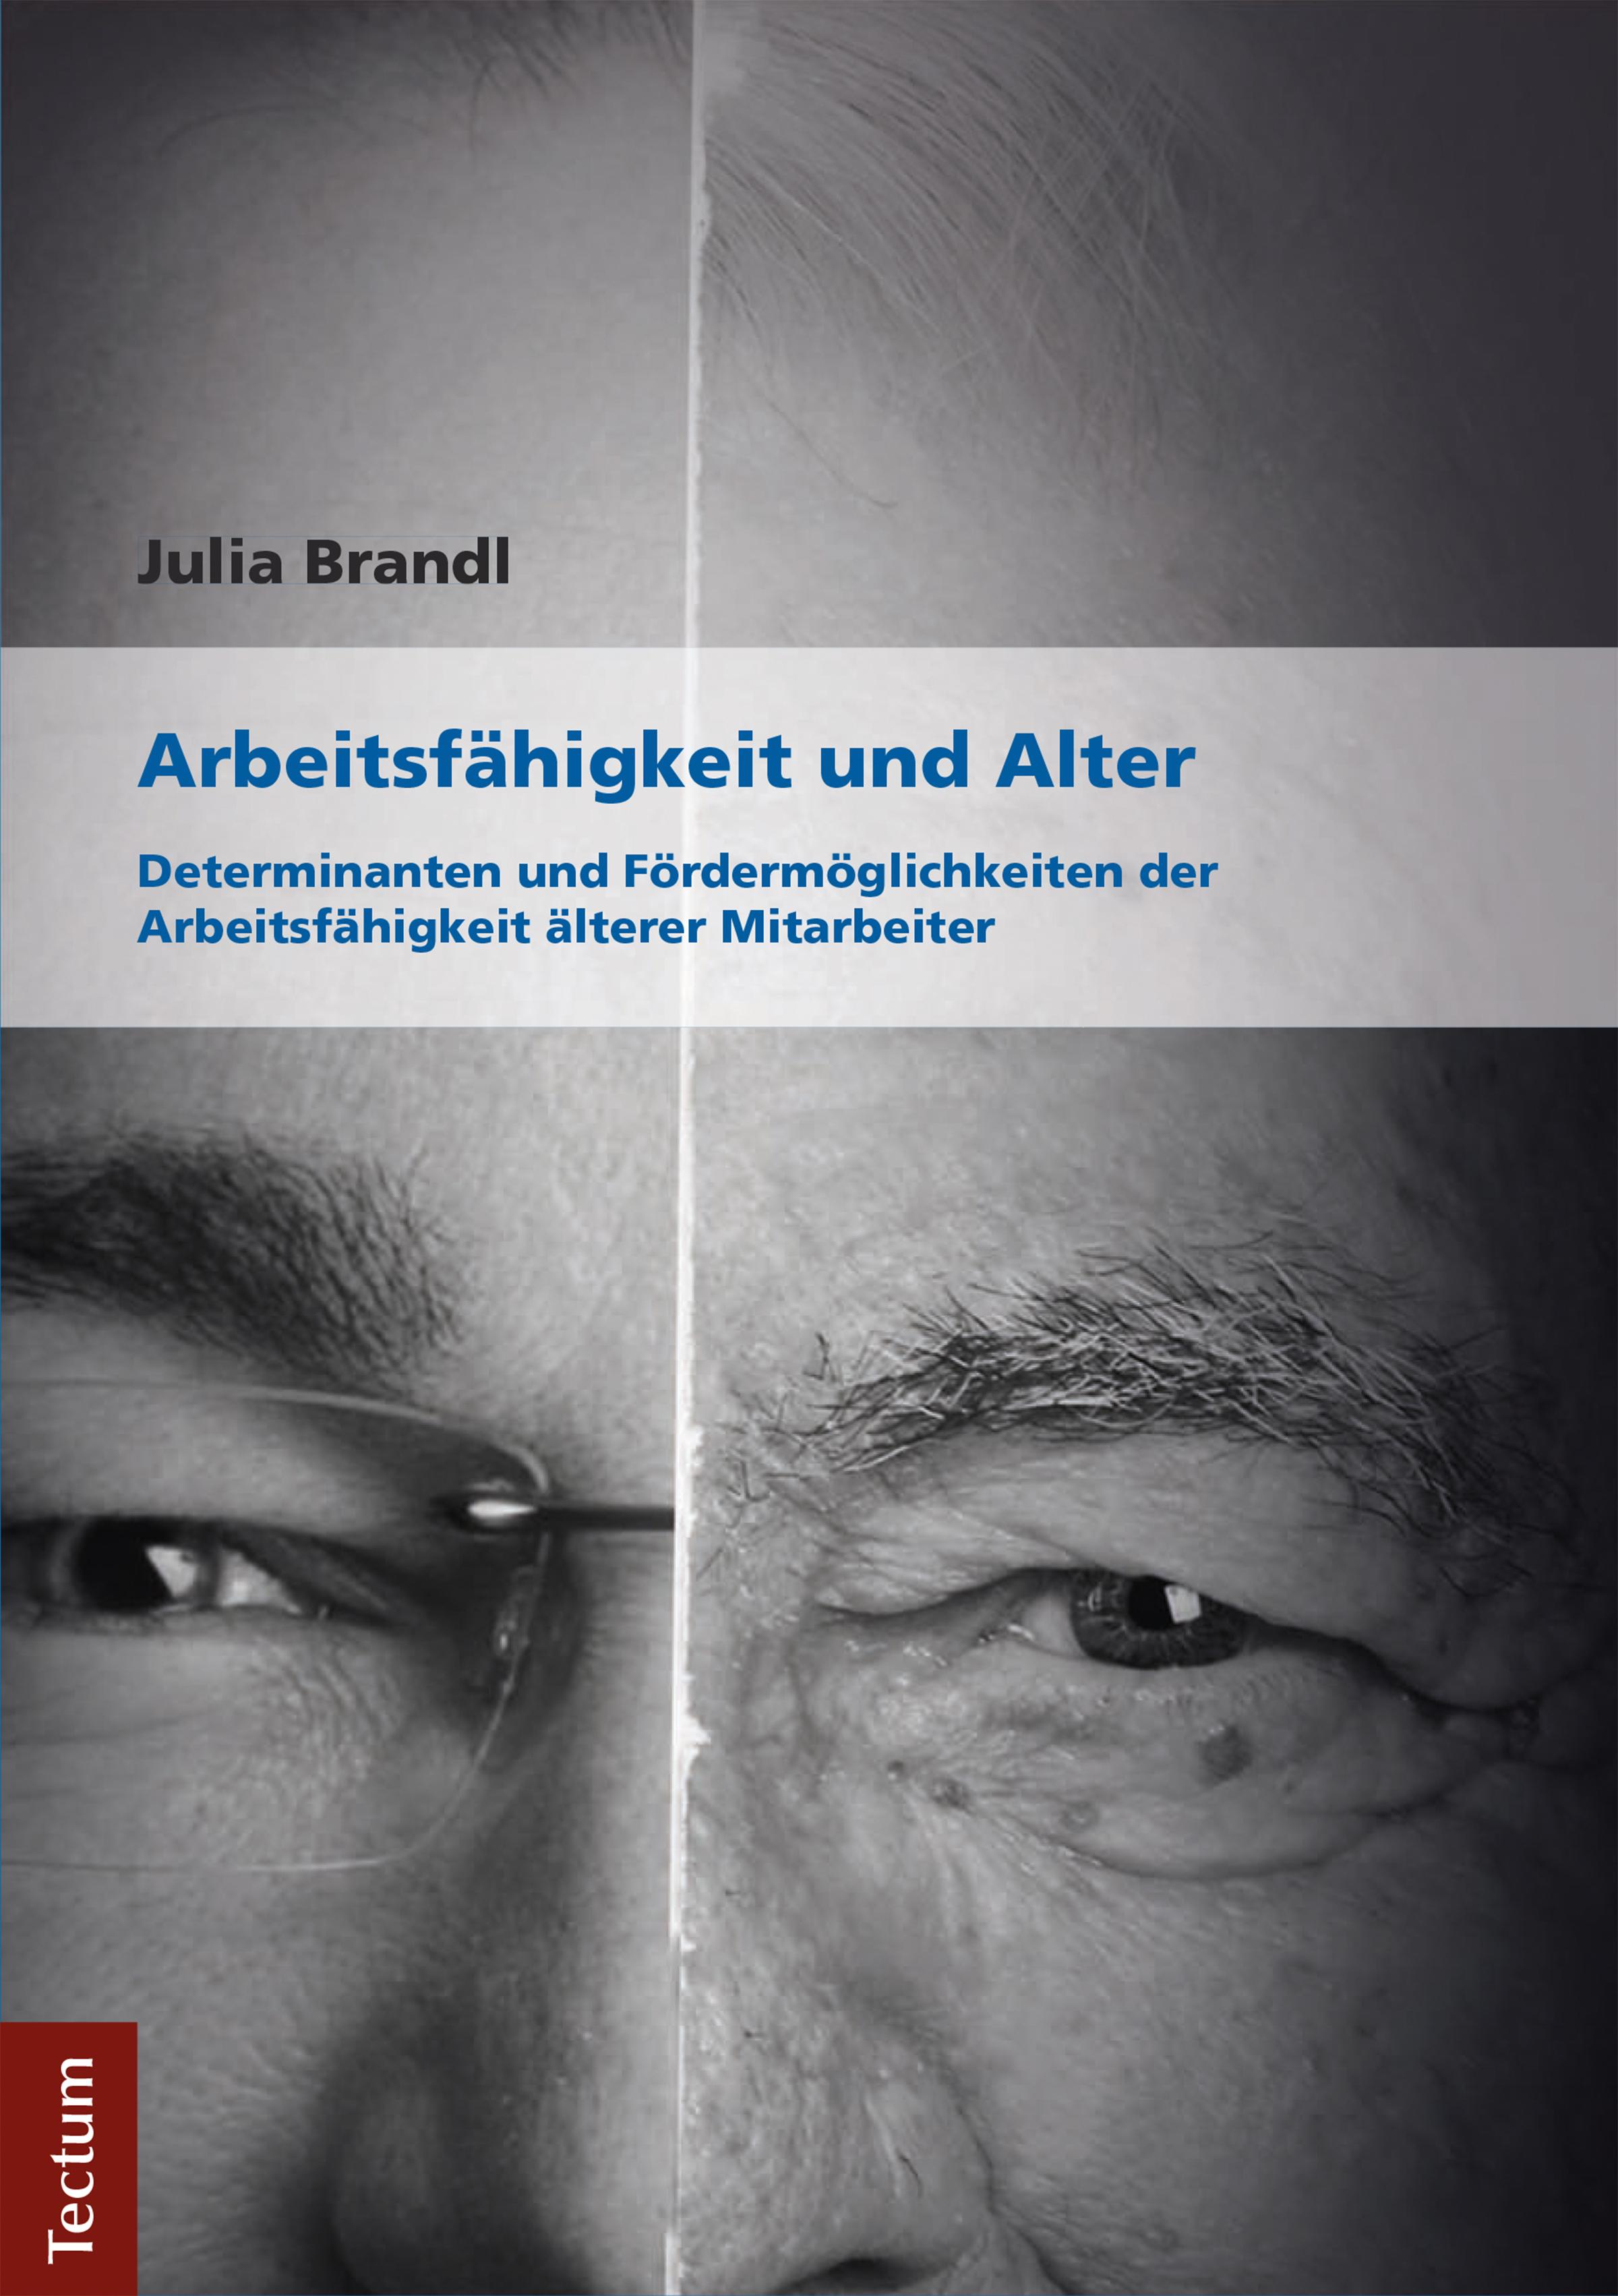 Julia Brandl Arbeitsfähigkeit und Alter elisabeth brandl sternenhimmel